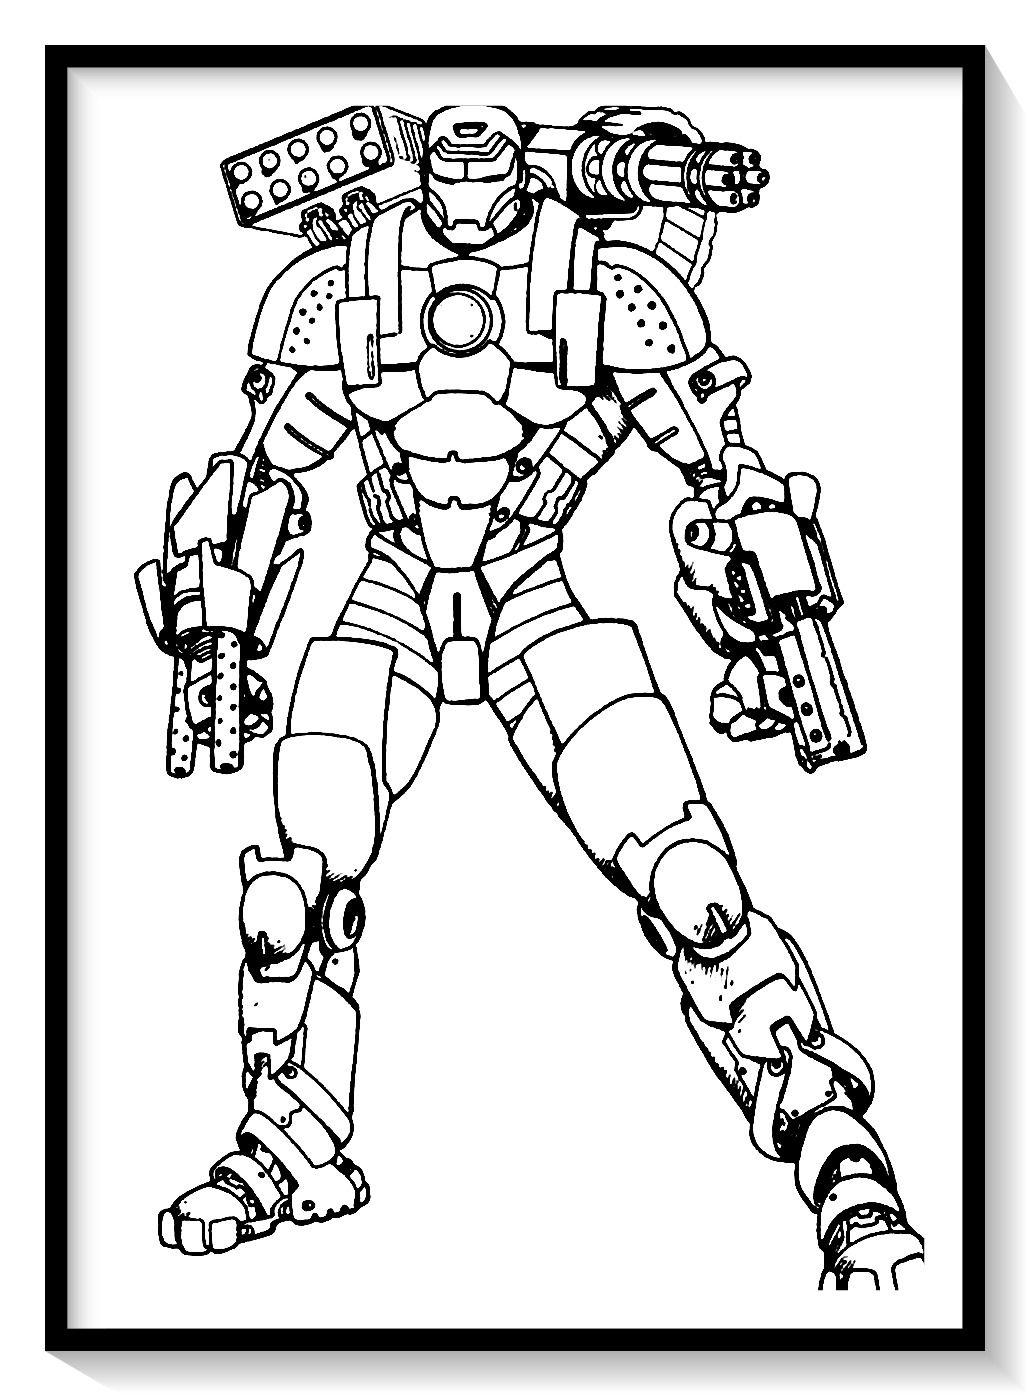 Dibujos De Iron Man Para Colorear En Linea Colorear E Imprimir Ironman Ironman Para Pint Iron Man Para Colorear Ironman Dibujo Paginas Para Colorear